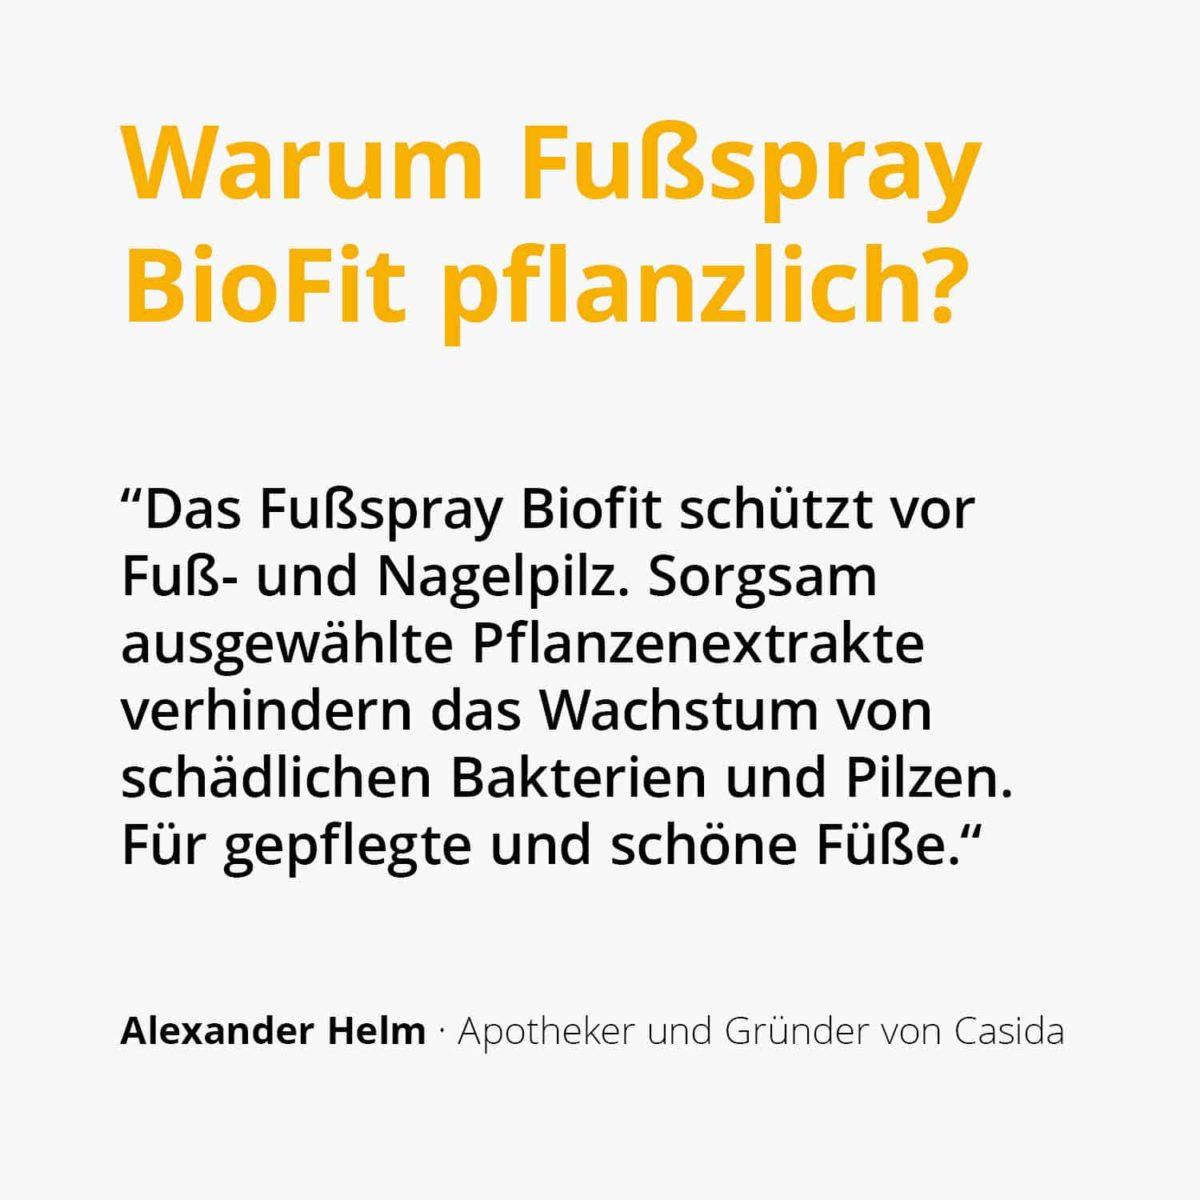 Casida Fußspray BioFit Pflanzlich 10751322 PZN Apotheke Nagelpilz Fußpilz2